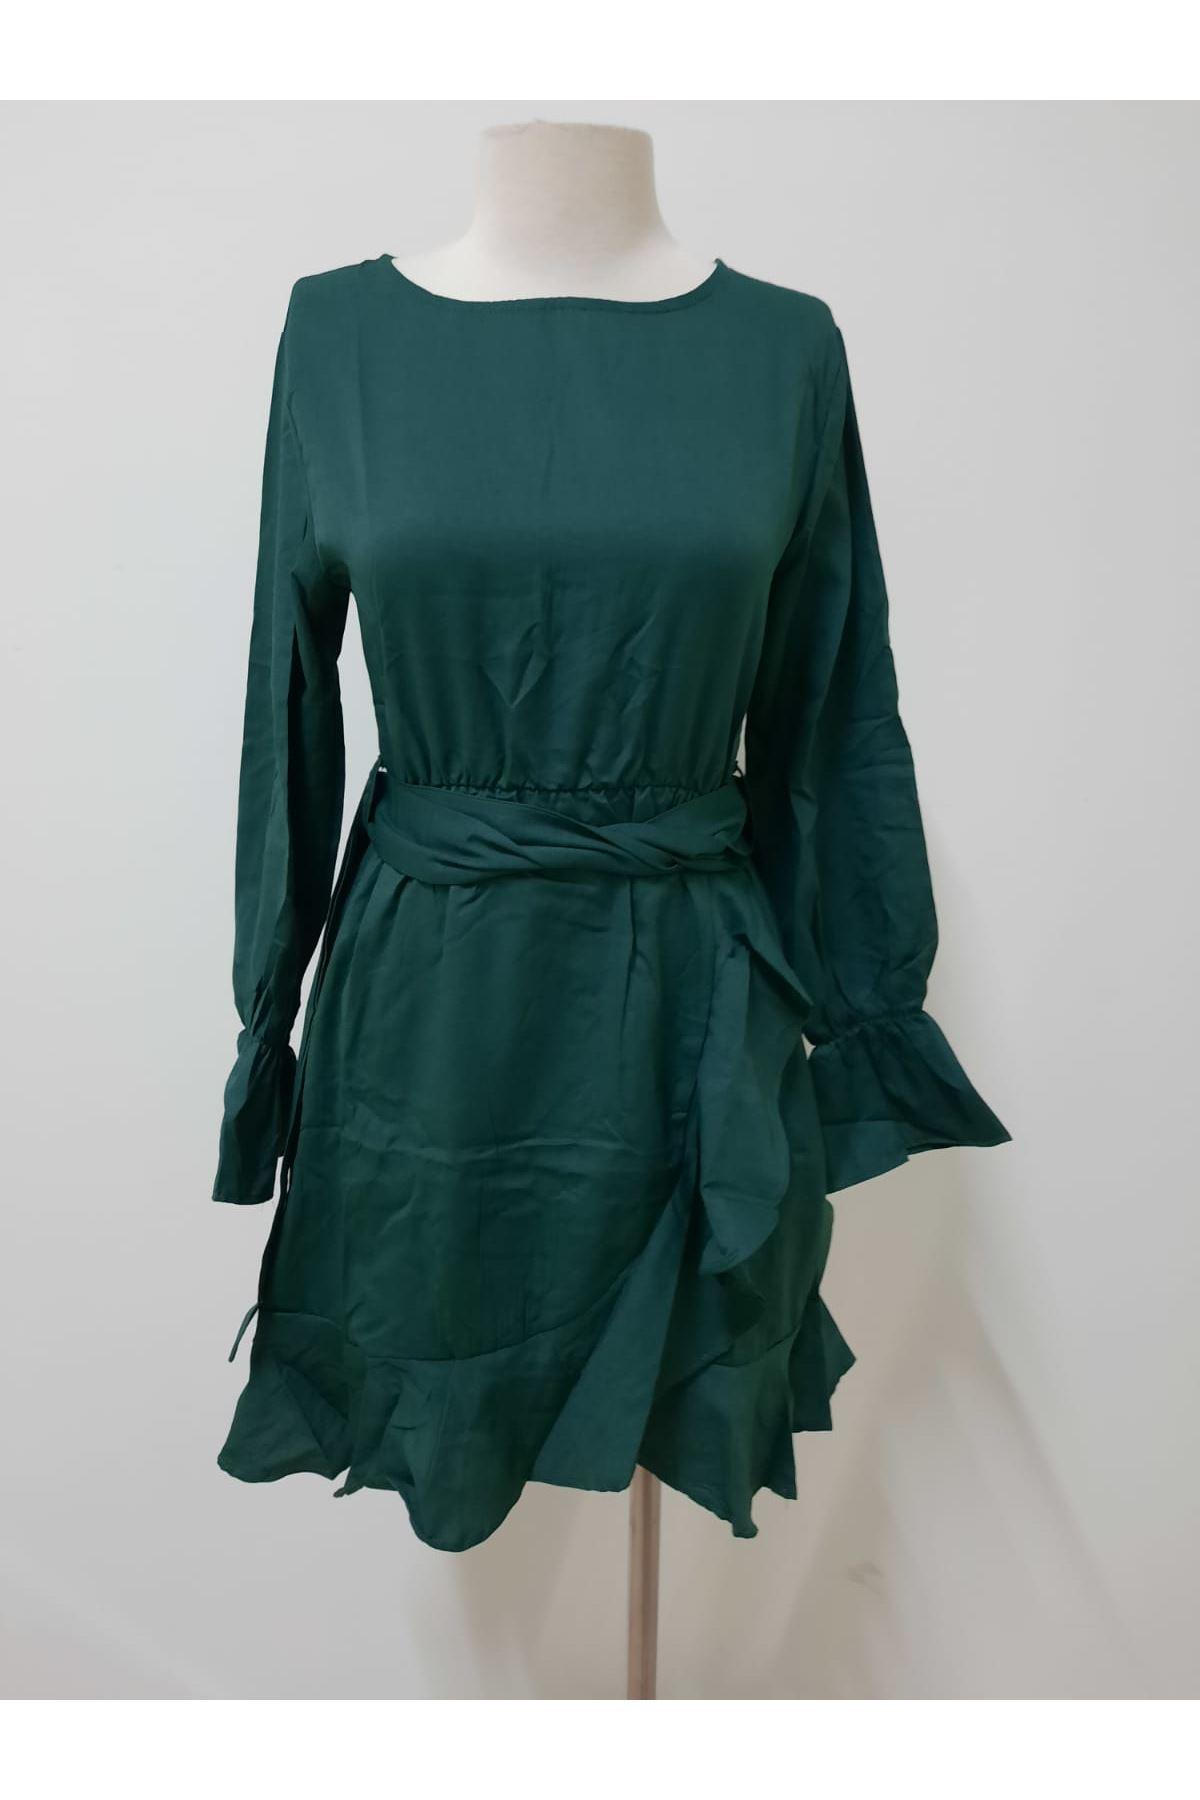 Kuşaklı Tasarım Yeşil Elbise - YEŞİL